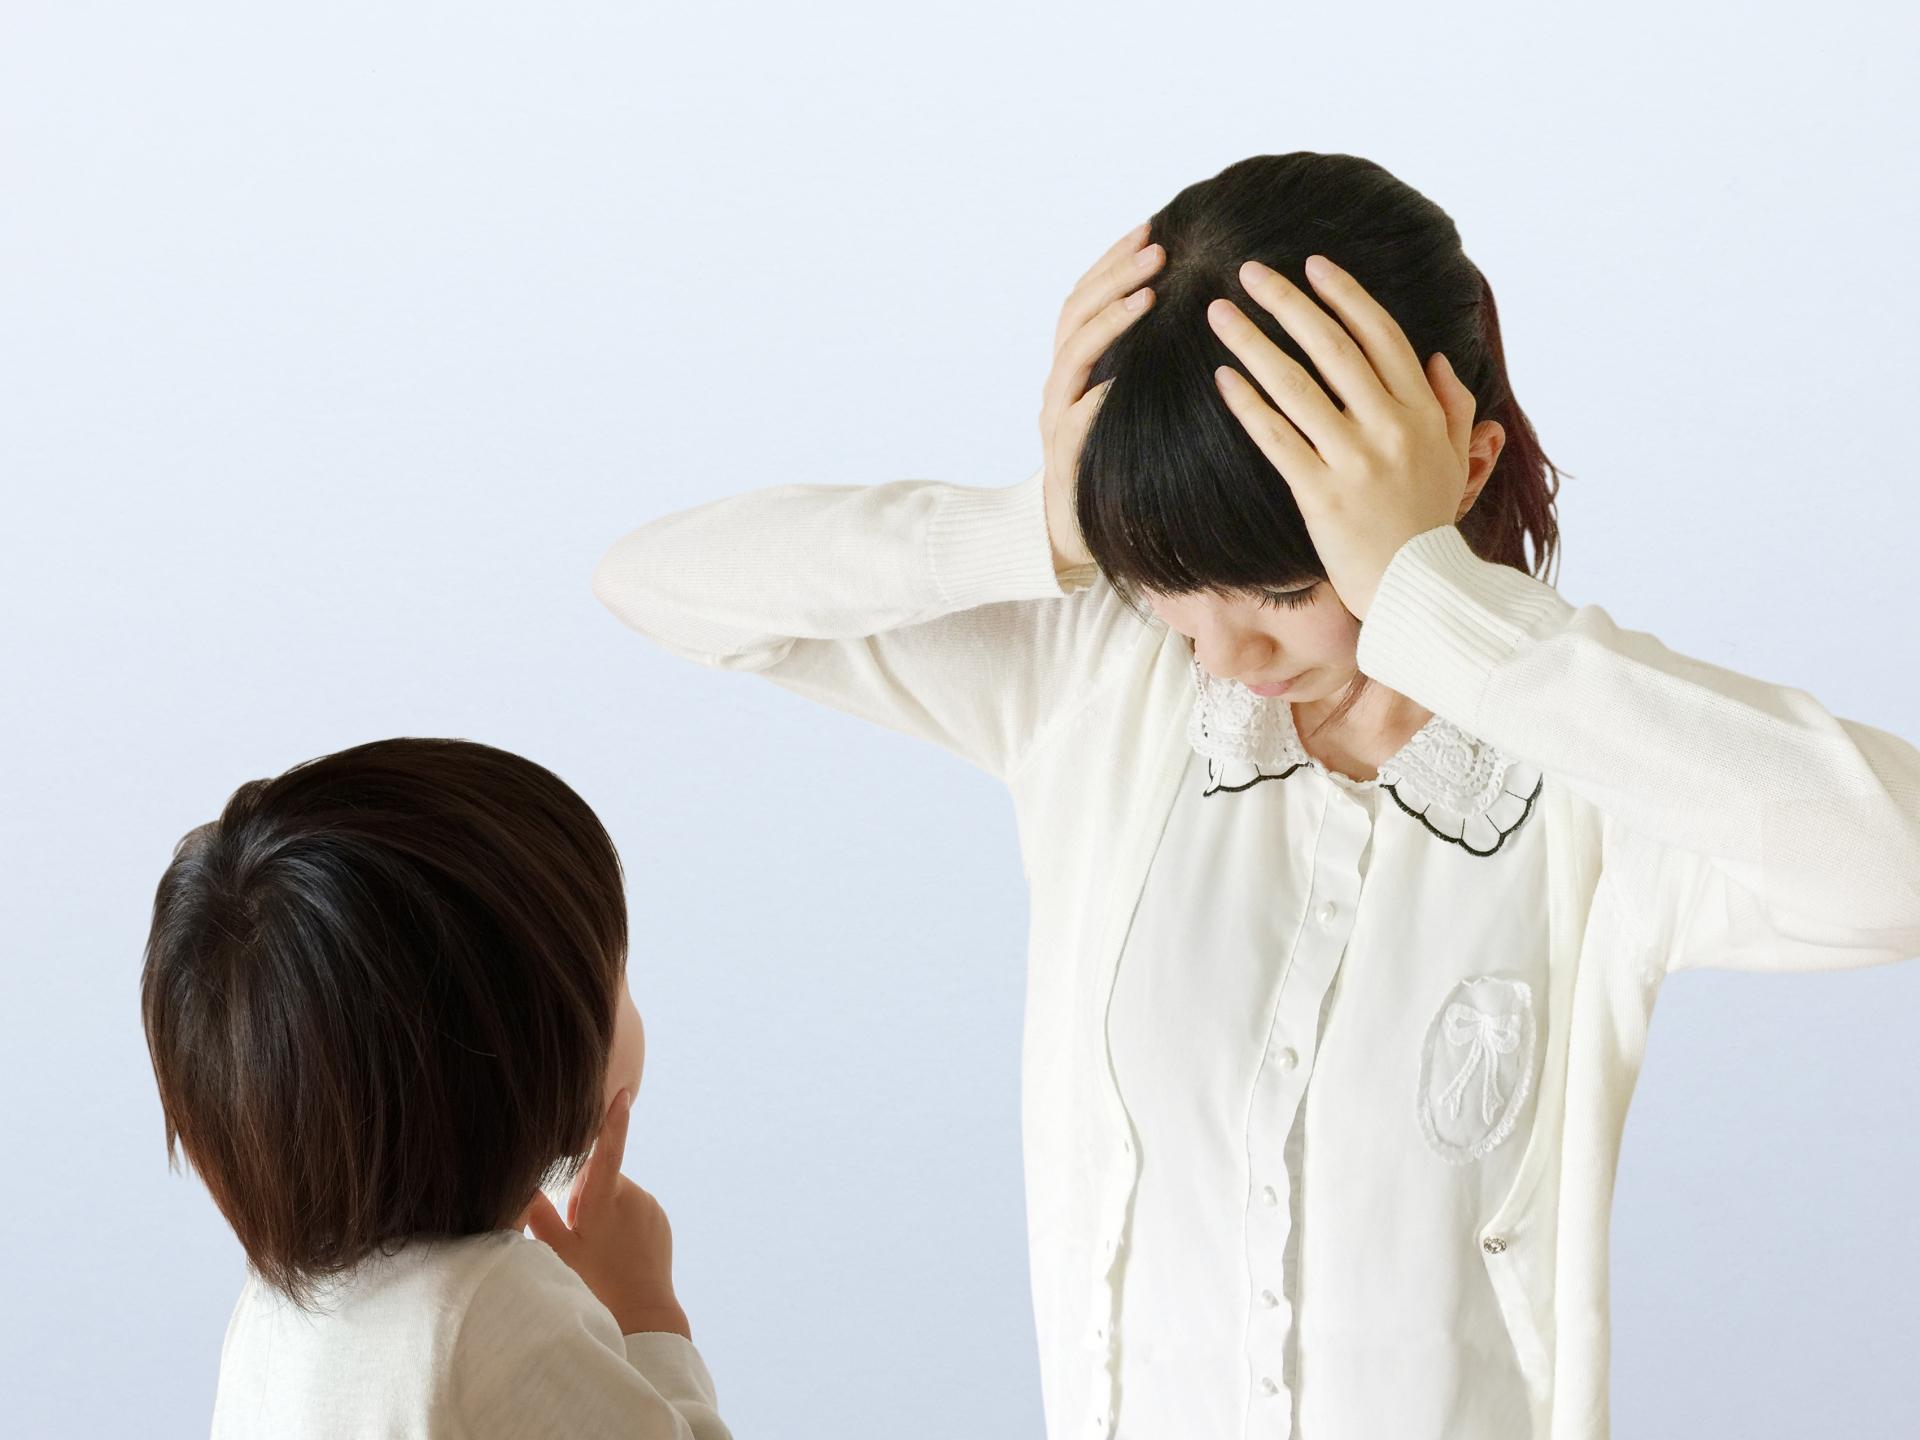 子どもの友達が来て家を汚す問題について。ストレスに感じたら…